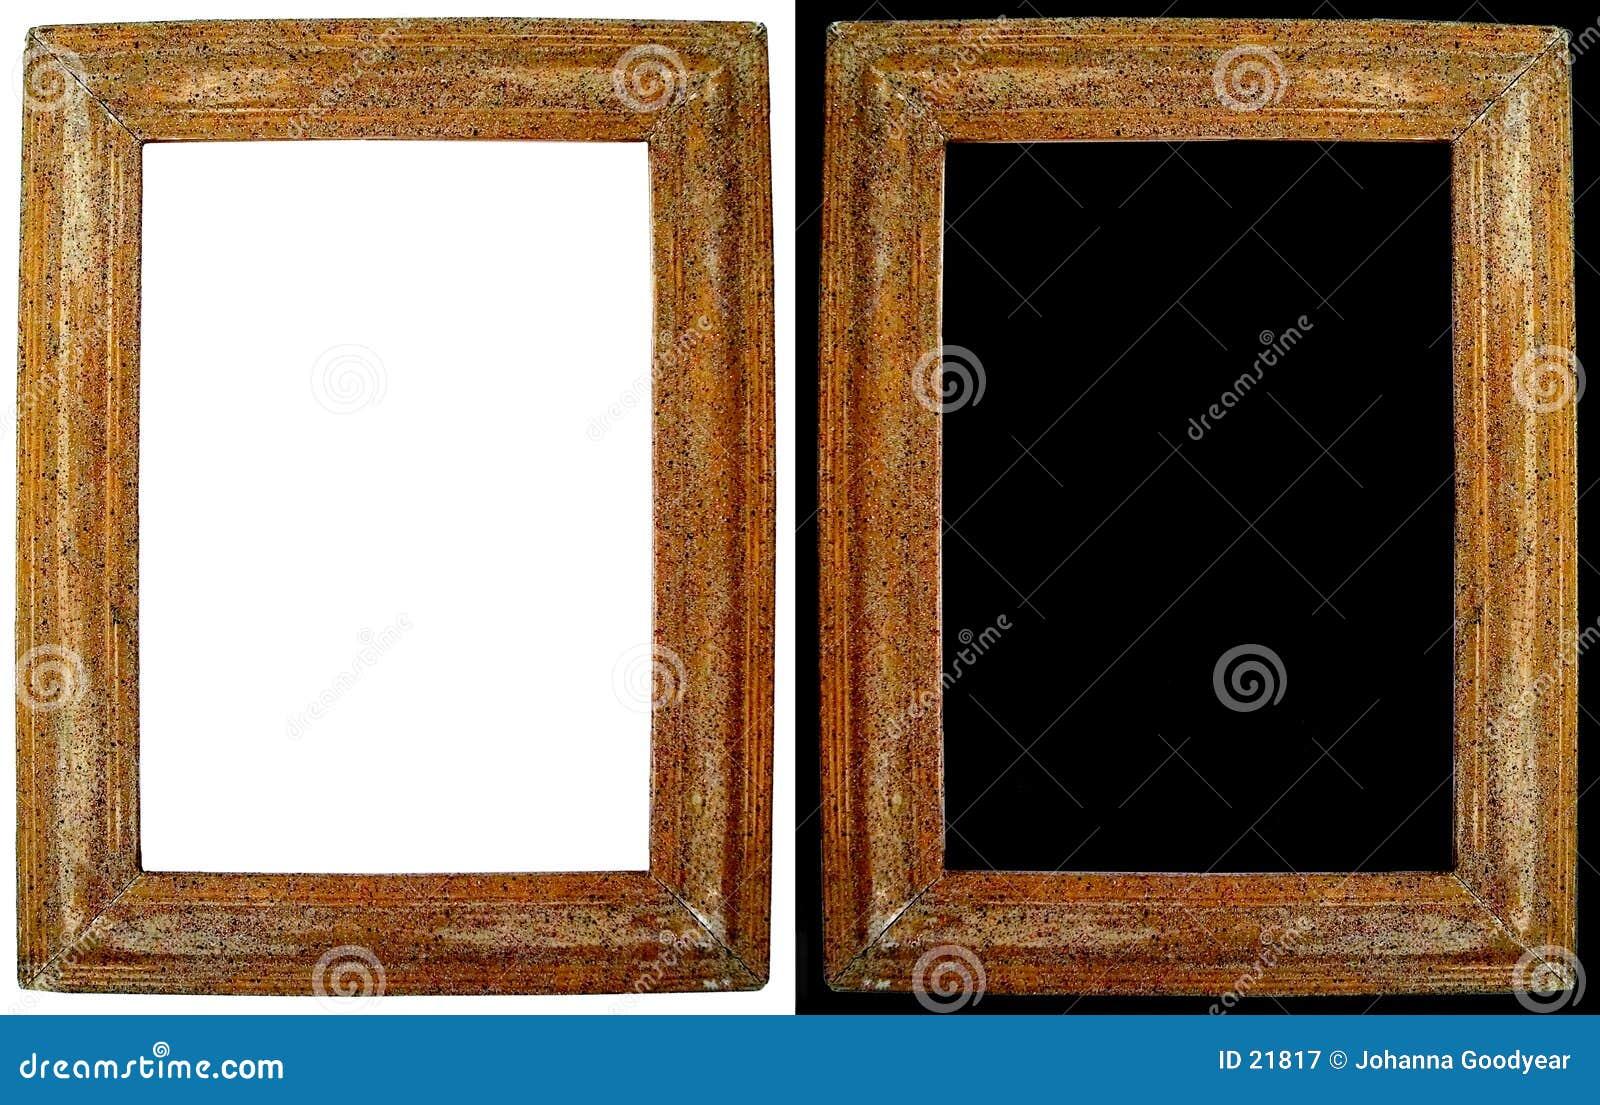 Het Frame van de foto